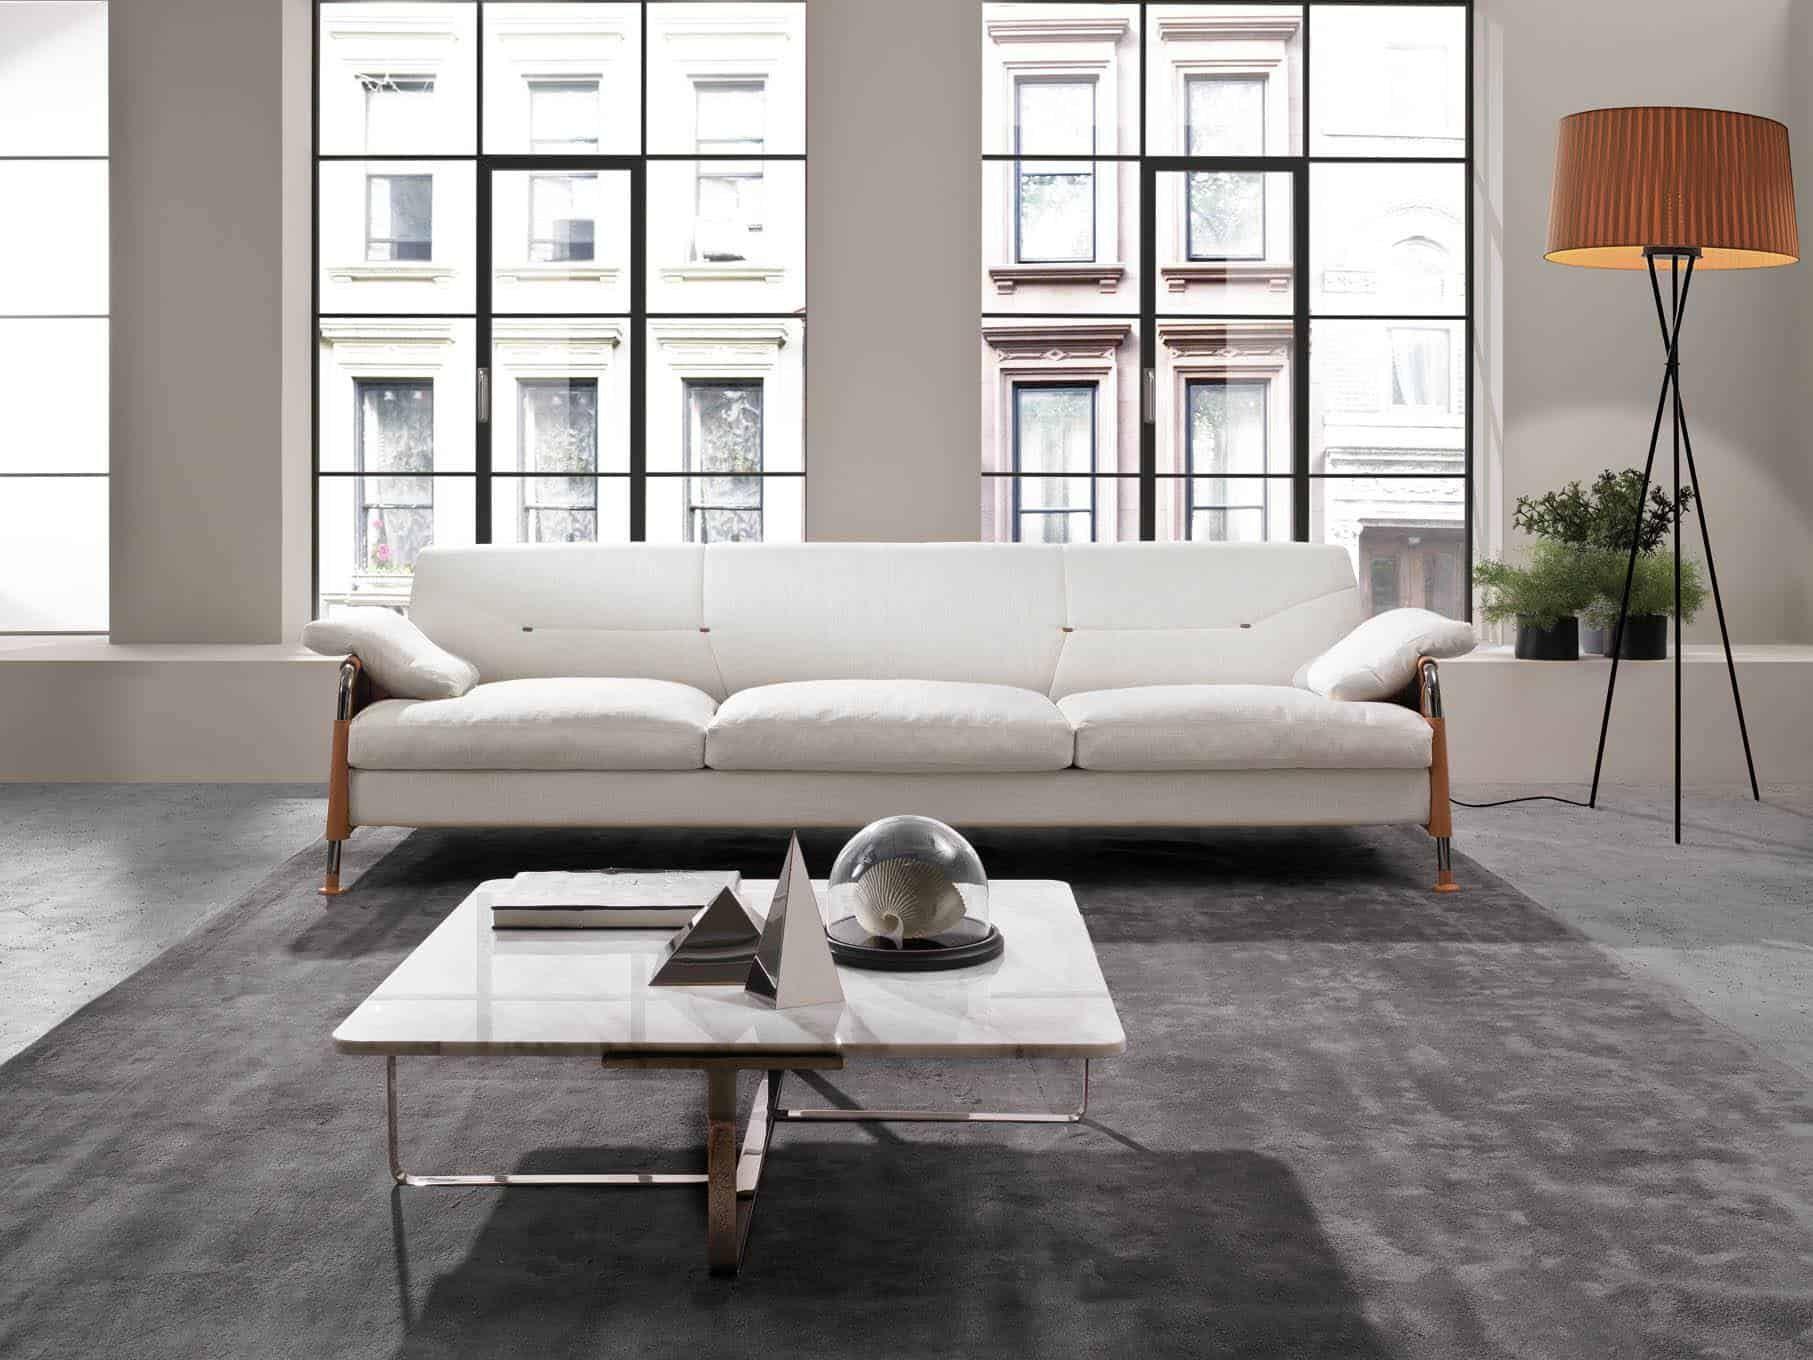 Italian Luxury Furniture Designer Furniture Singapore Da Vinci Lifestyle Fusion Sofa Living Spaces Furniture Design